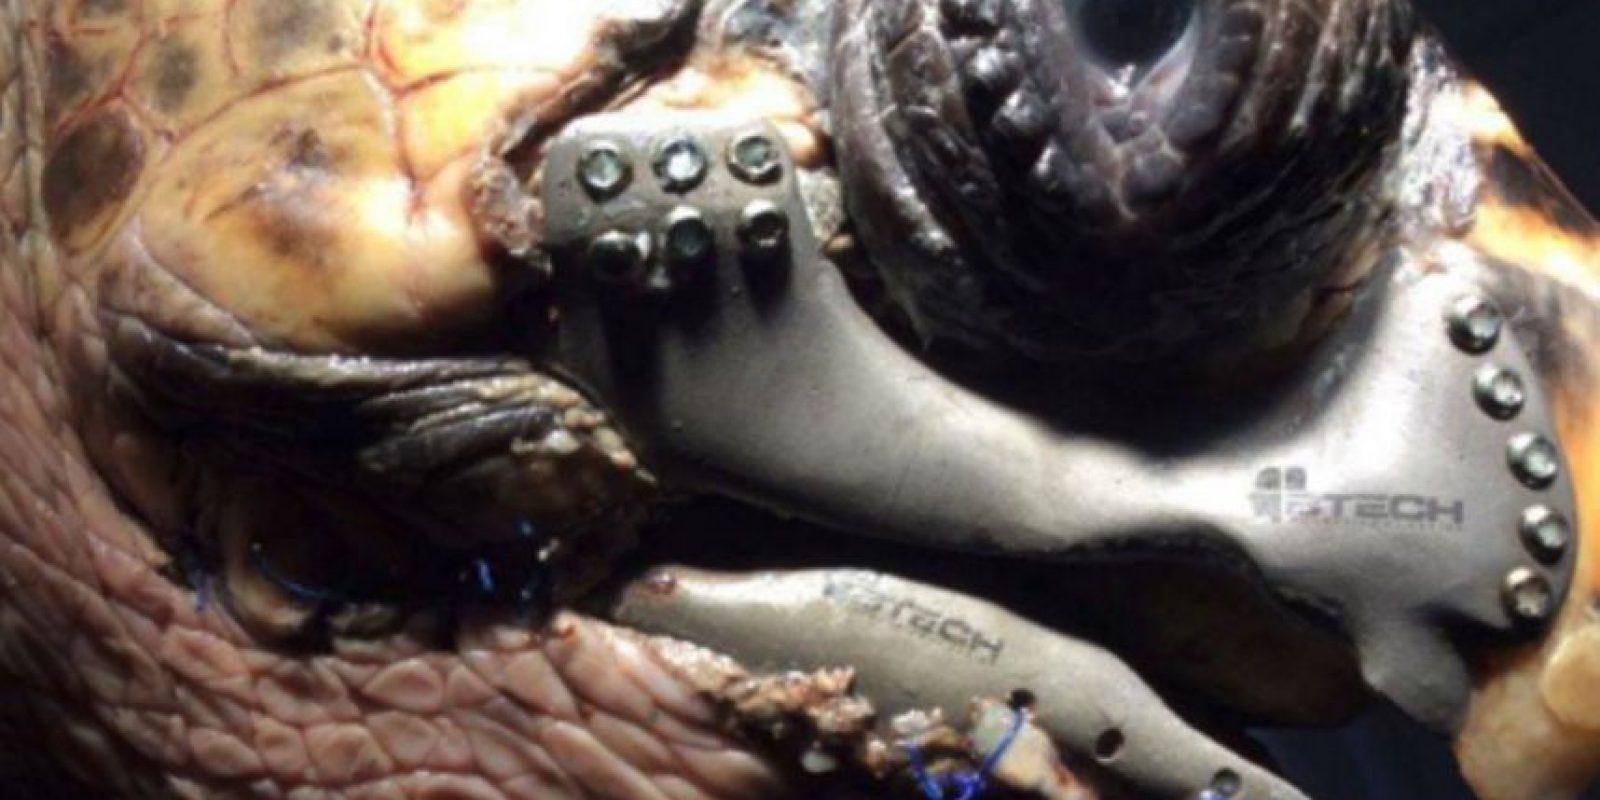 A continuación les preparamos algunos datos sobre las tortugas marinas Foto:Centro de Rescate y Rehabilitación de la Universidad Pamukkale en Denizli